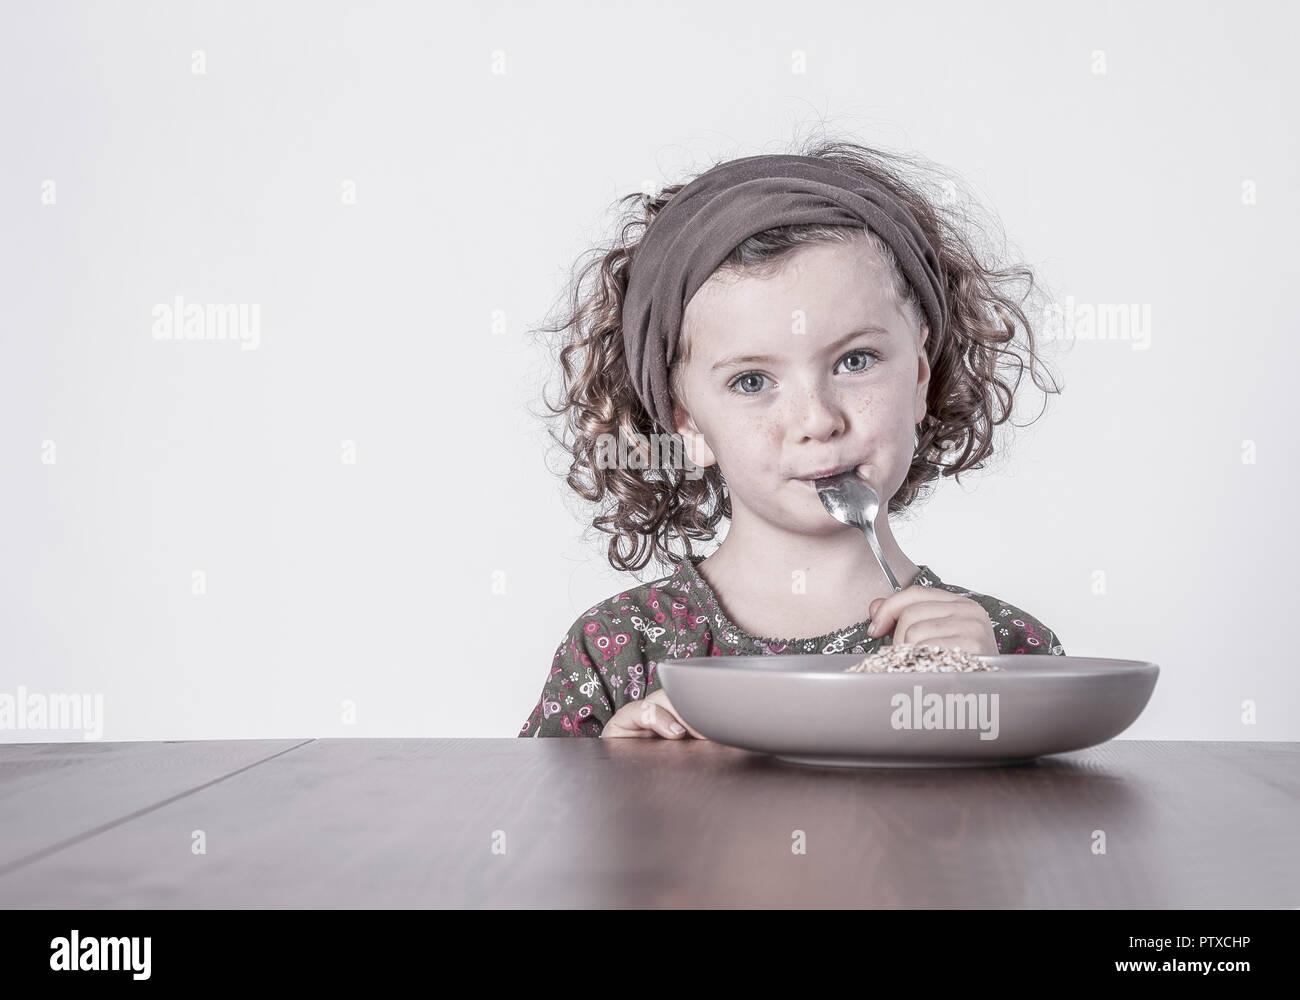 Näher Sitzt bin Tisch Mit Löffel Im Mund (Model-Release) Stockbild